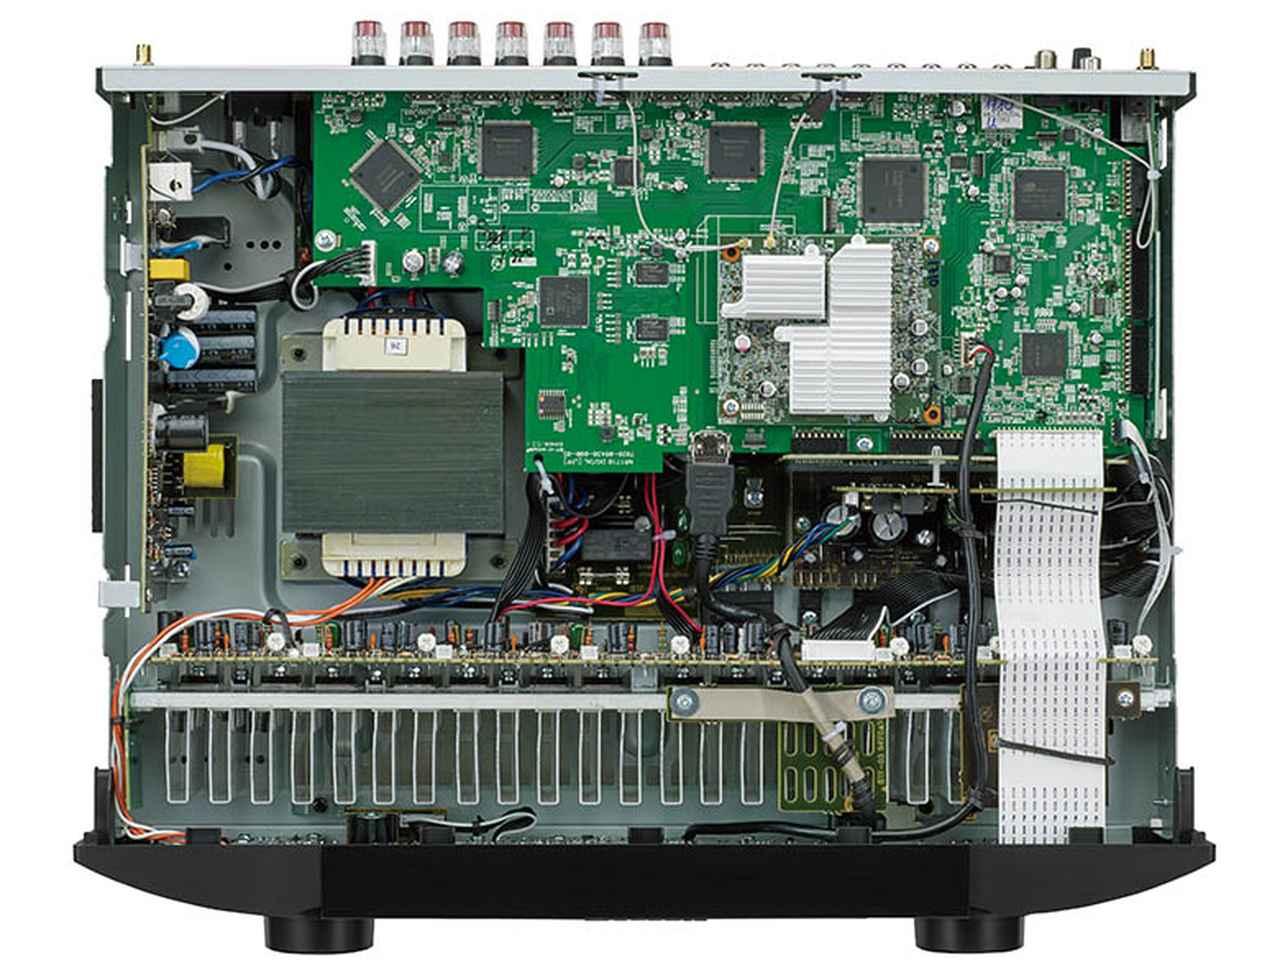 画像: ドルビーアトモスやDTS-Xにも対応し、多彩なネットワーク機能も備えたモデル。ステレオ再生ではバイアンプ駆動にも対応するなど、オーディオ再生も高音質で楽しめる。